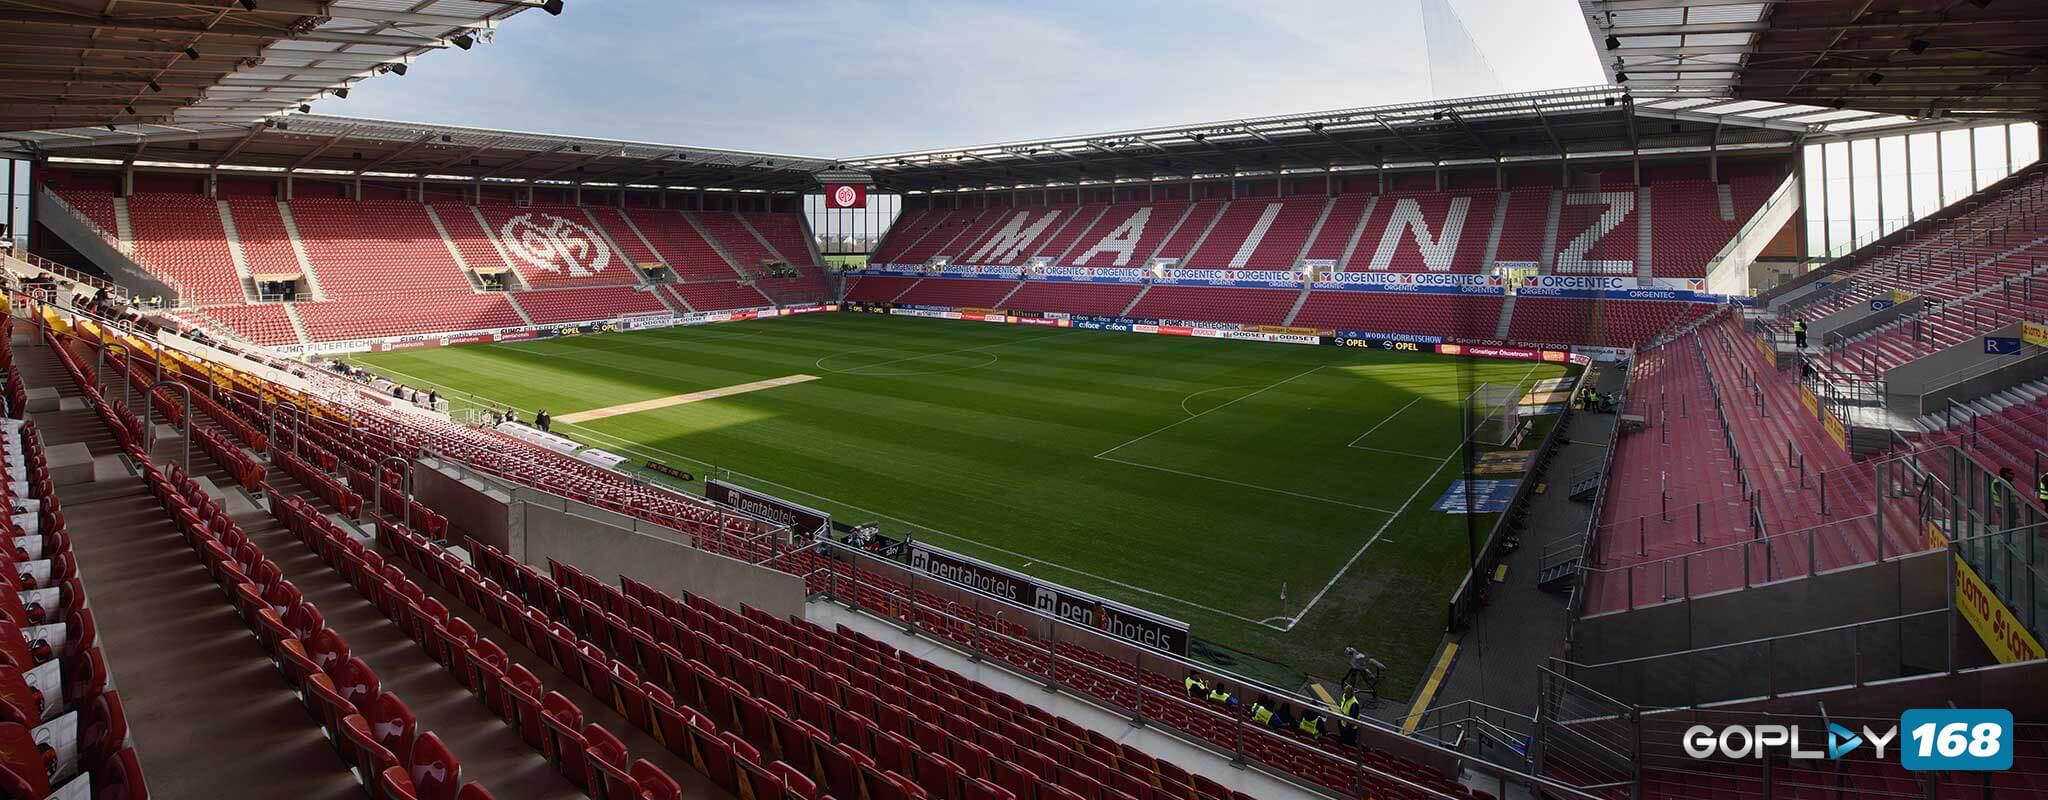 EURO 2020 Mainz Arena, Mainz